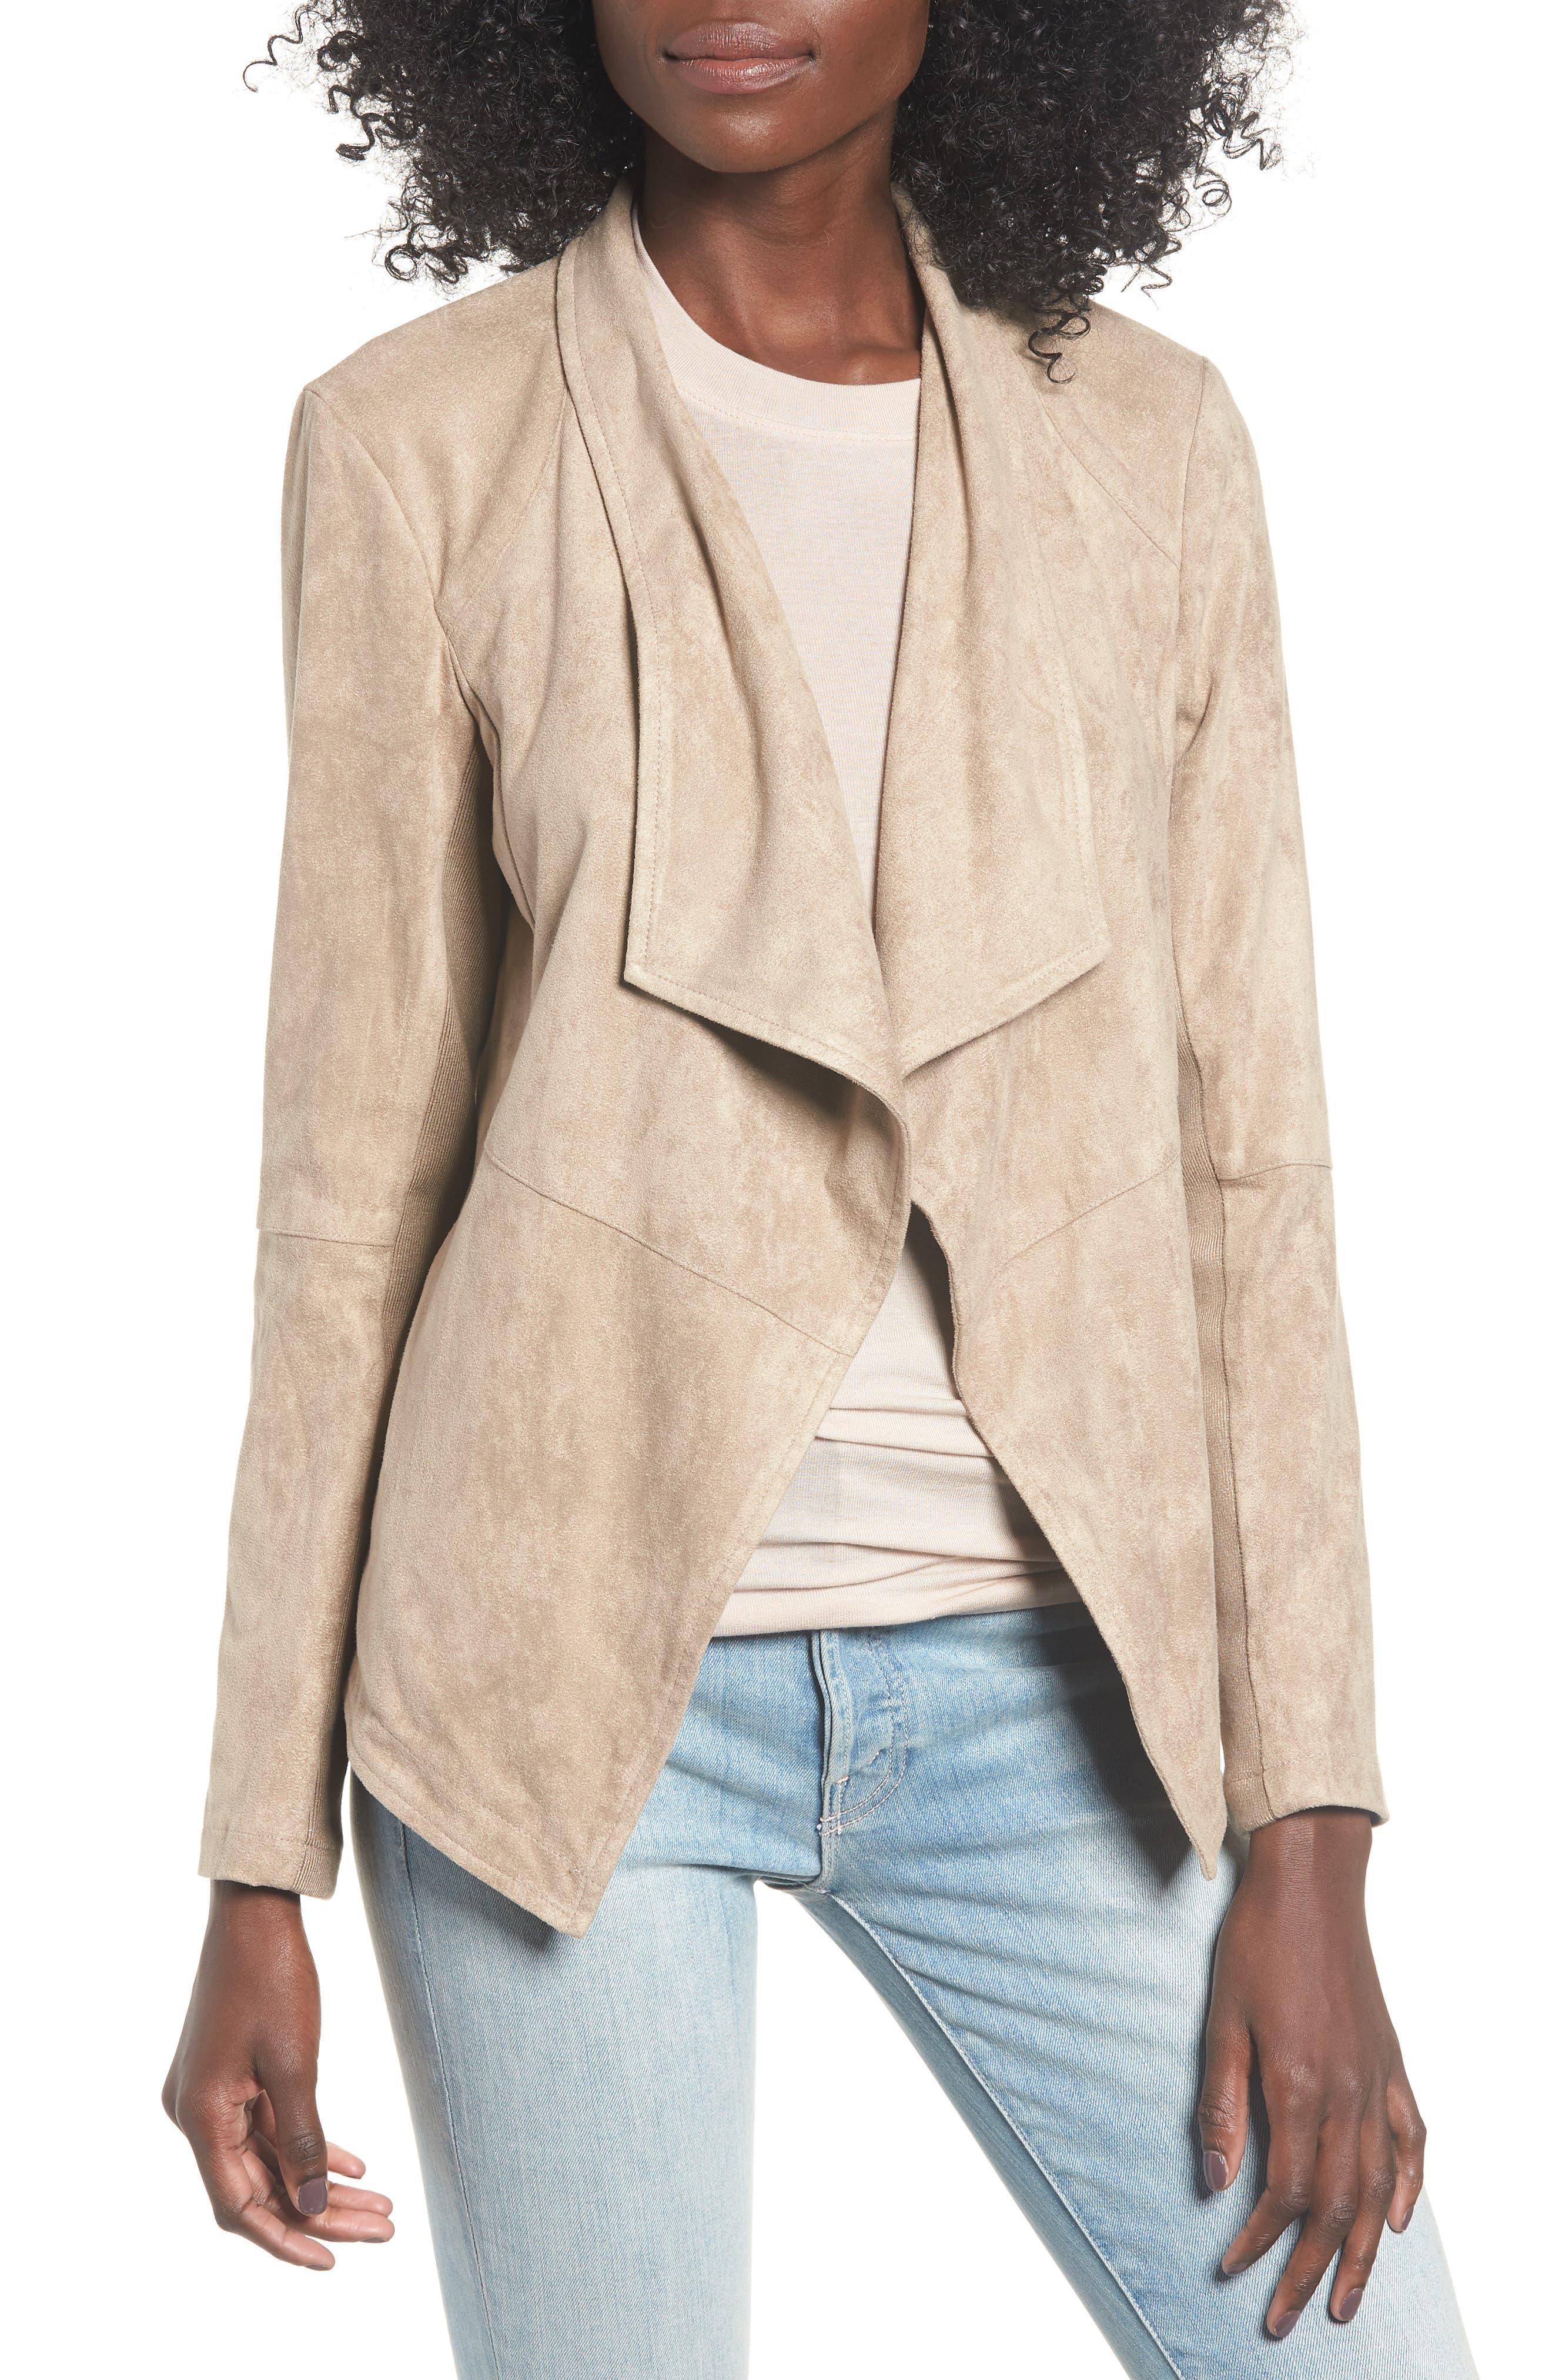 Nicholson Faux Suede Drape Front Jacket,                             Main thumbnail 1, color,                             WARM STONE